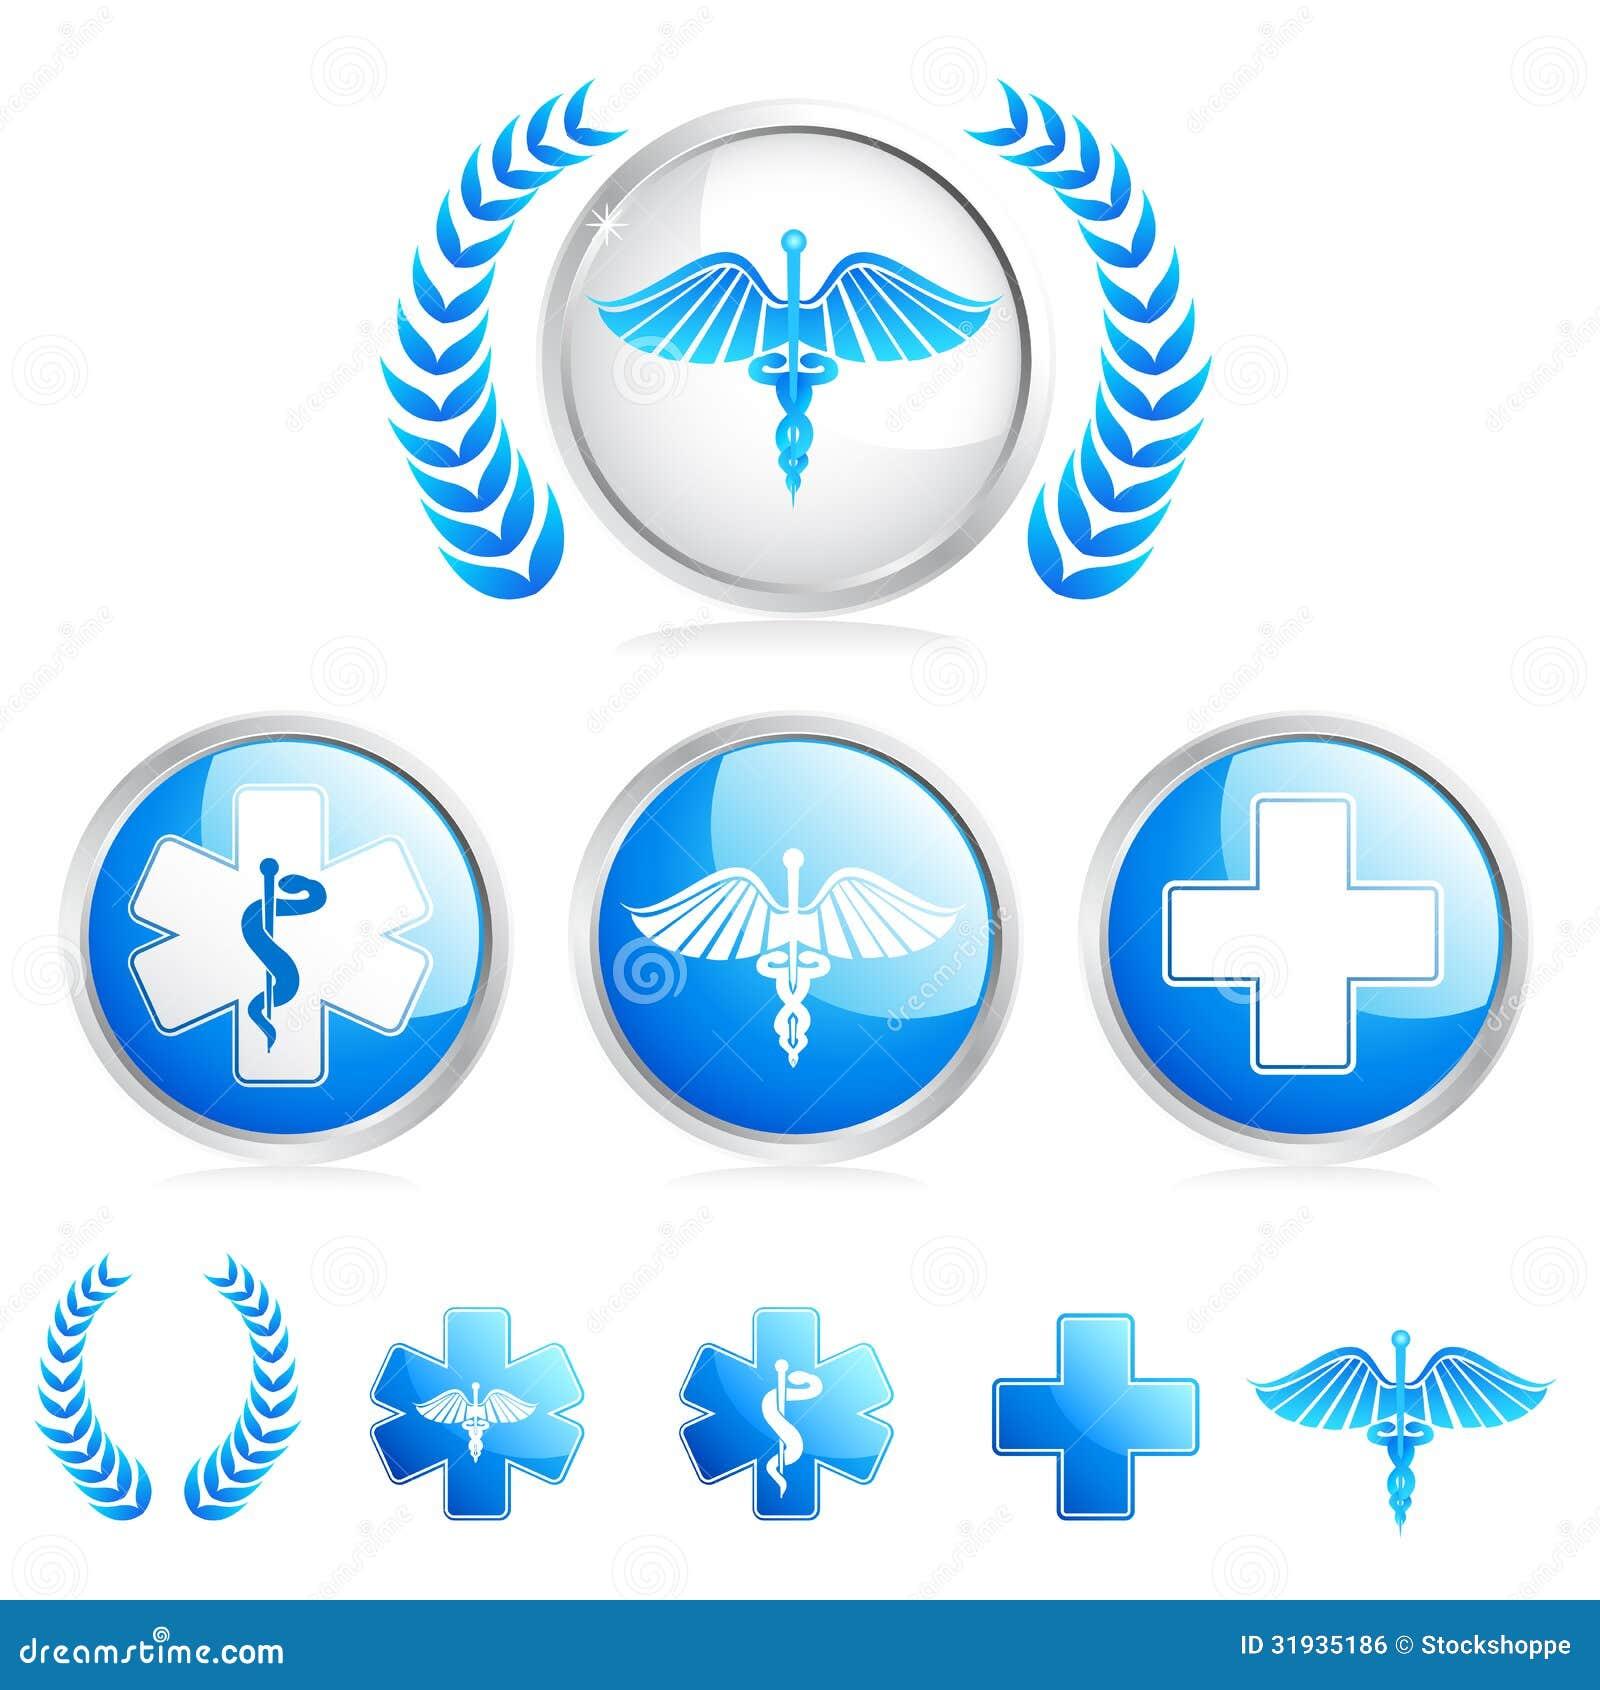 Medical Symbol Vector Meaning Meinafrikanischemangotabletten